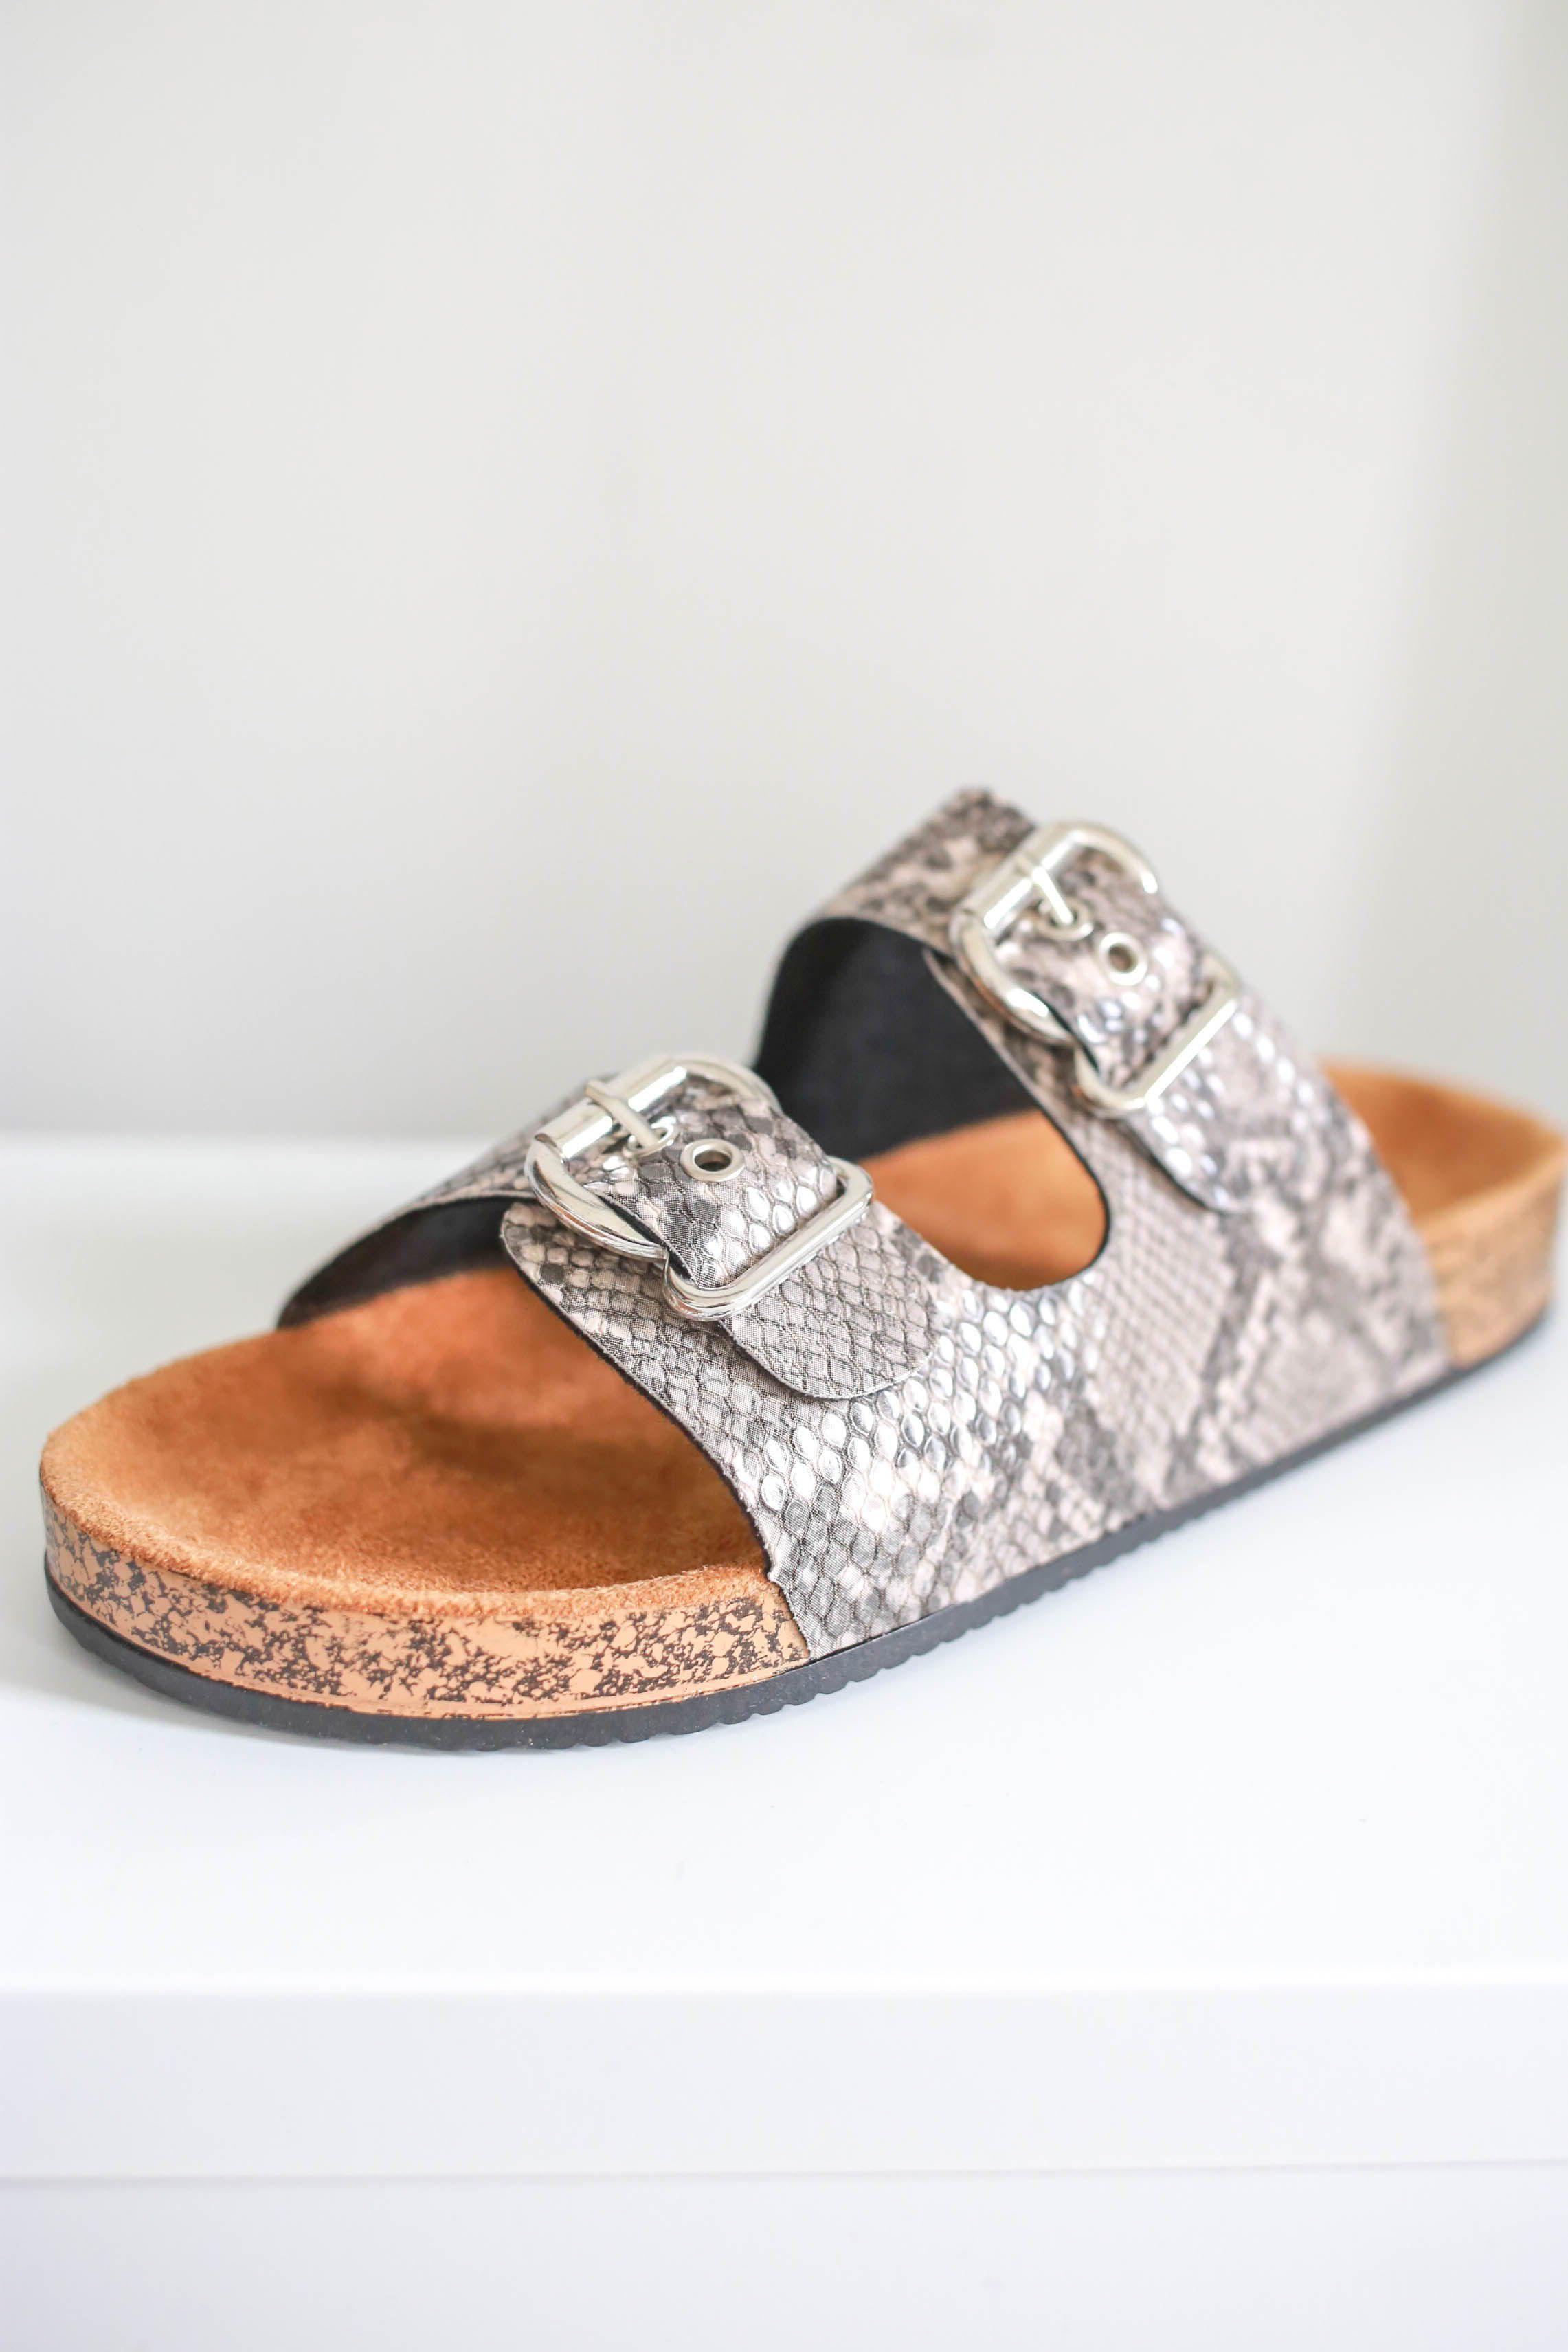 Snakeskin birkenstock from | Sandals, Cute